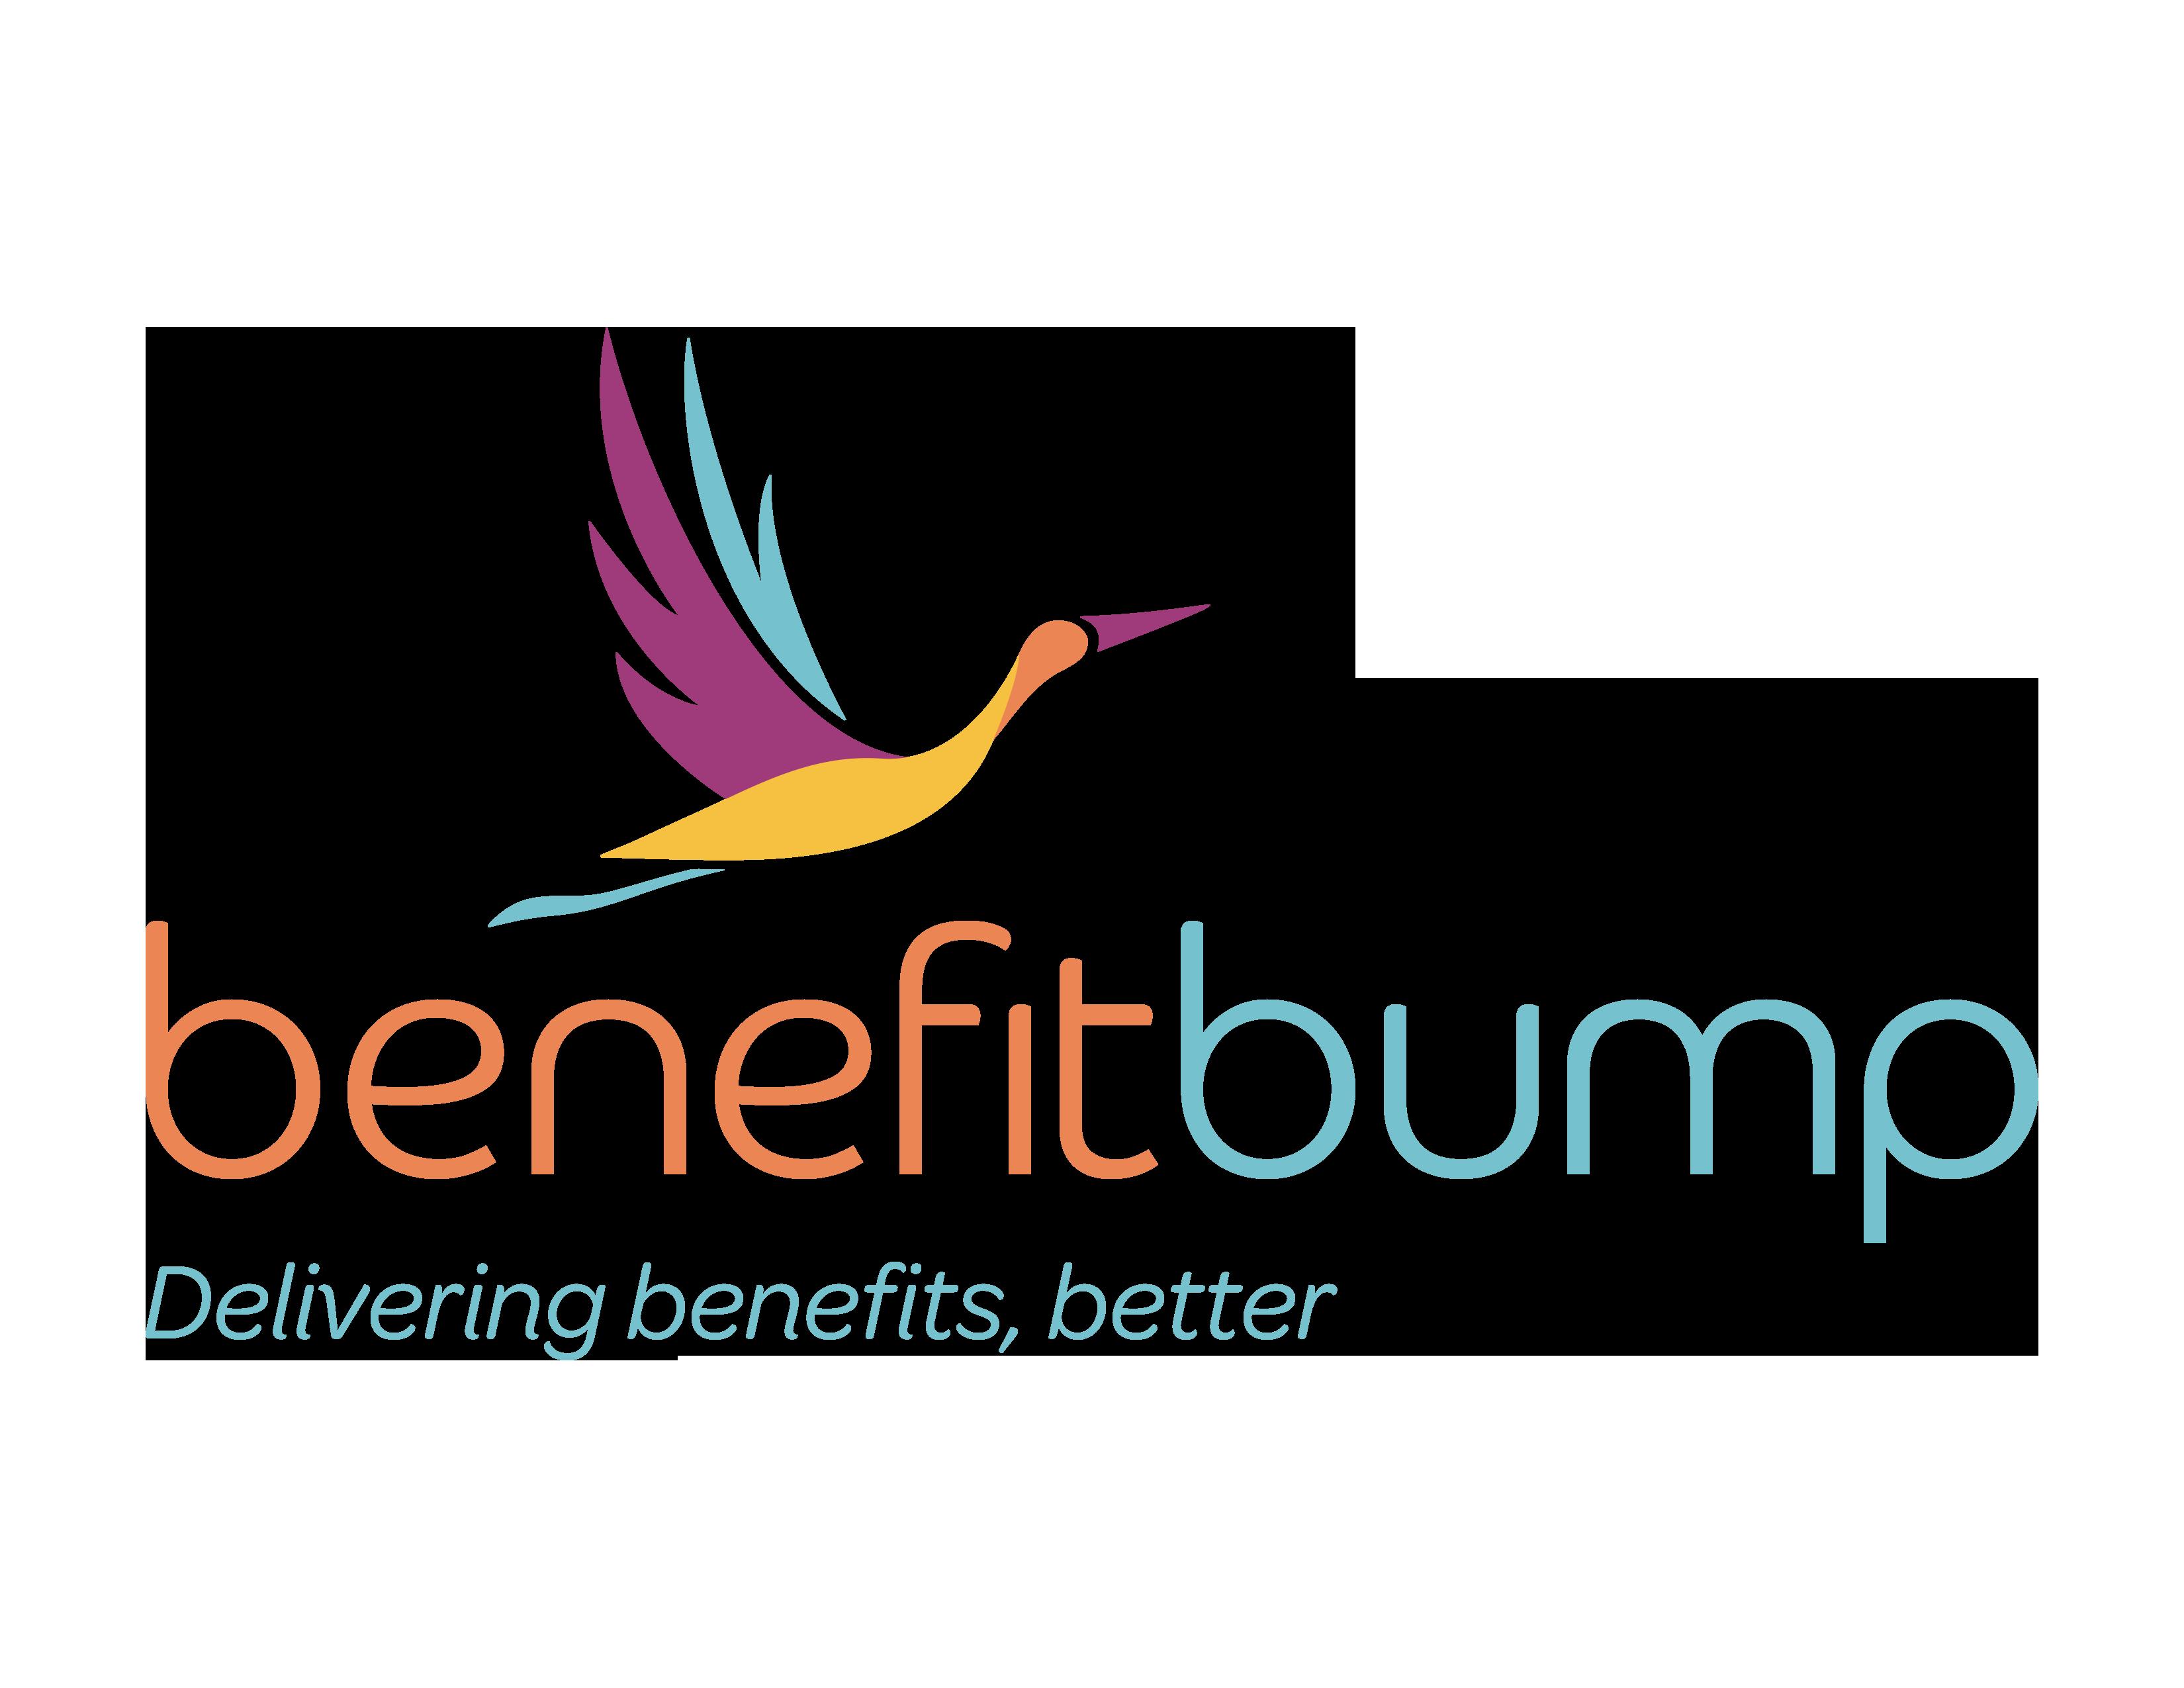 BenefitBump